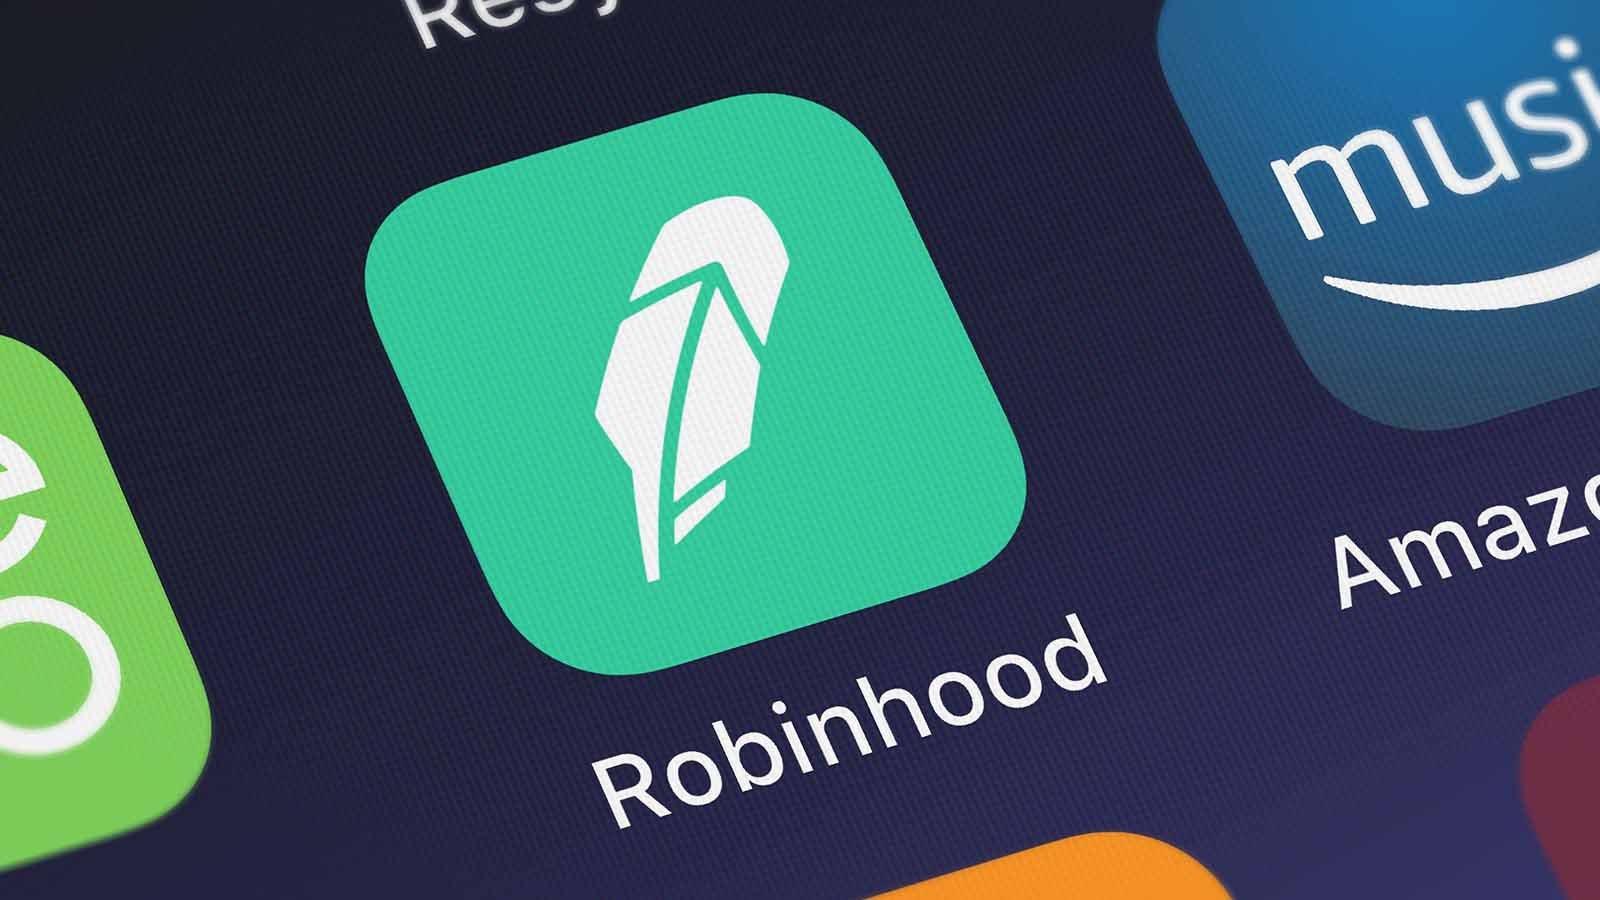 Top 10 Robinhood Stocks For 2021